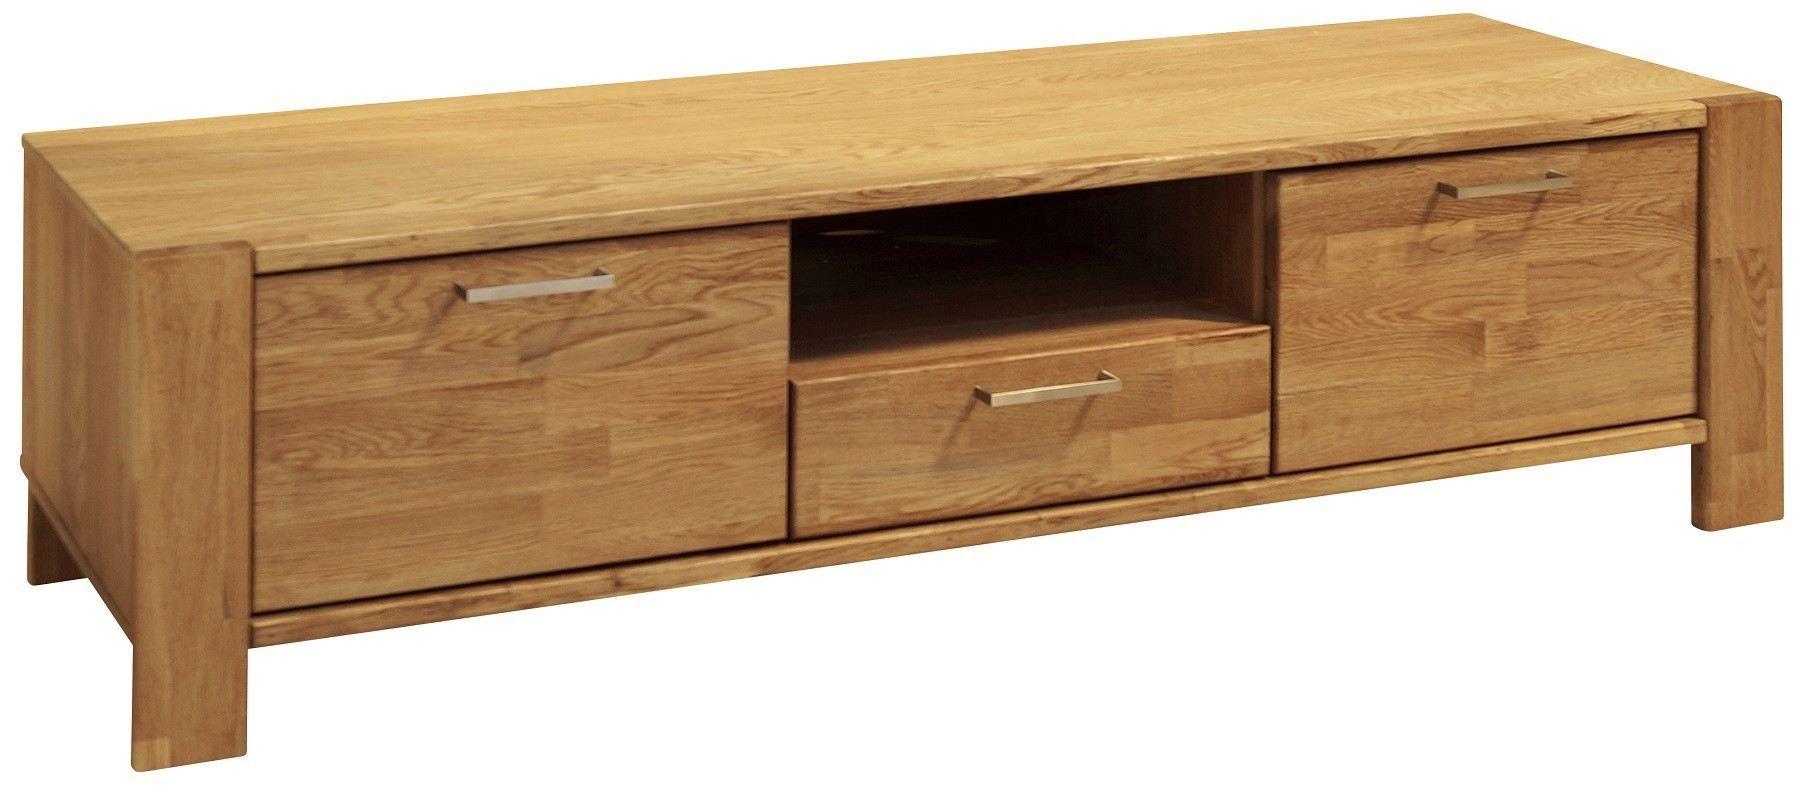 Riva+TV-benk+-+Lyst+tre+-+Riva+TV-bord+i+nordisk+design.+Bordet+er+fremstillet+af+egetræ,+som+derefter+er+olieret.+Dette+fremhæver+strukturen+i+det+smukke+træ.+TV-bordet+har+to+låger+og+en+skuffe,+som+giver+god+plads+til+opbevaring.+Der+er+forboret+hul+i+bagsiden+af+bordet,+som+gør+det+nemt+at+skjule+ledninger.+